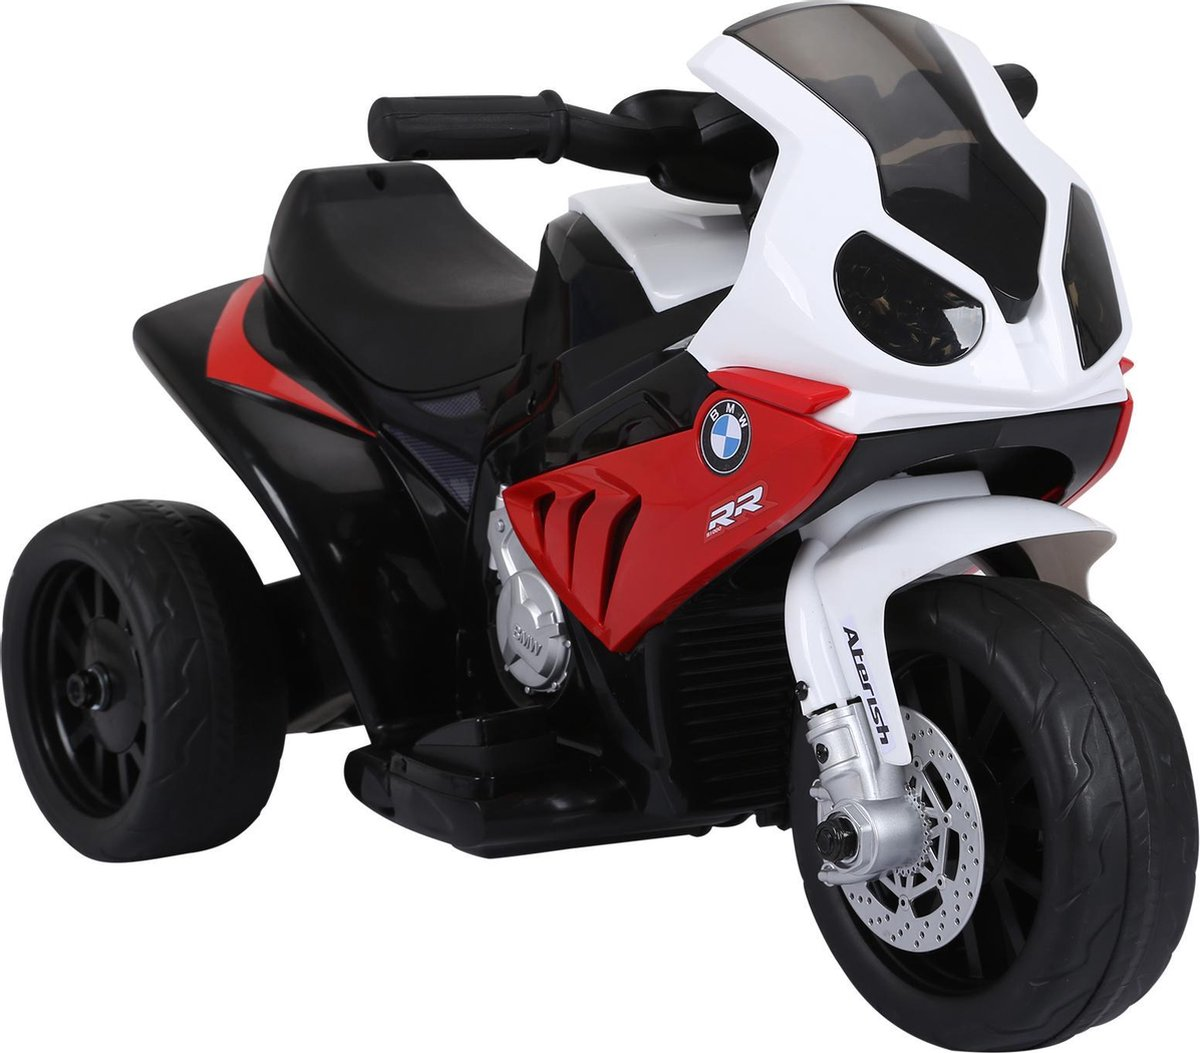 Elektrische Kindermotor - Elektrische Kinderscooter - Speelgoed - 18-36 maanden - Rood - 66 x 37 x 4